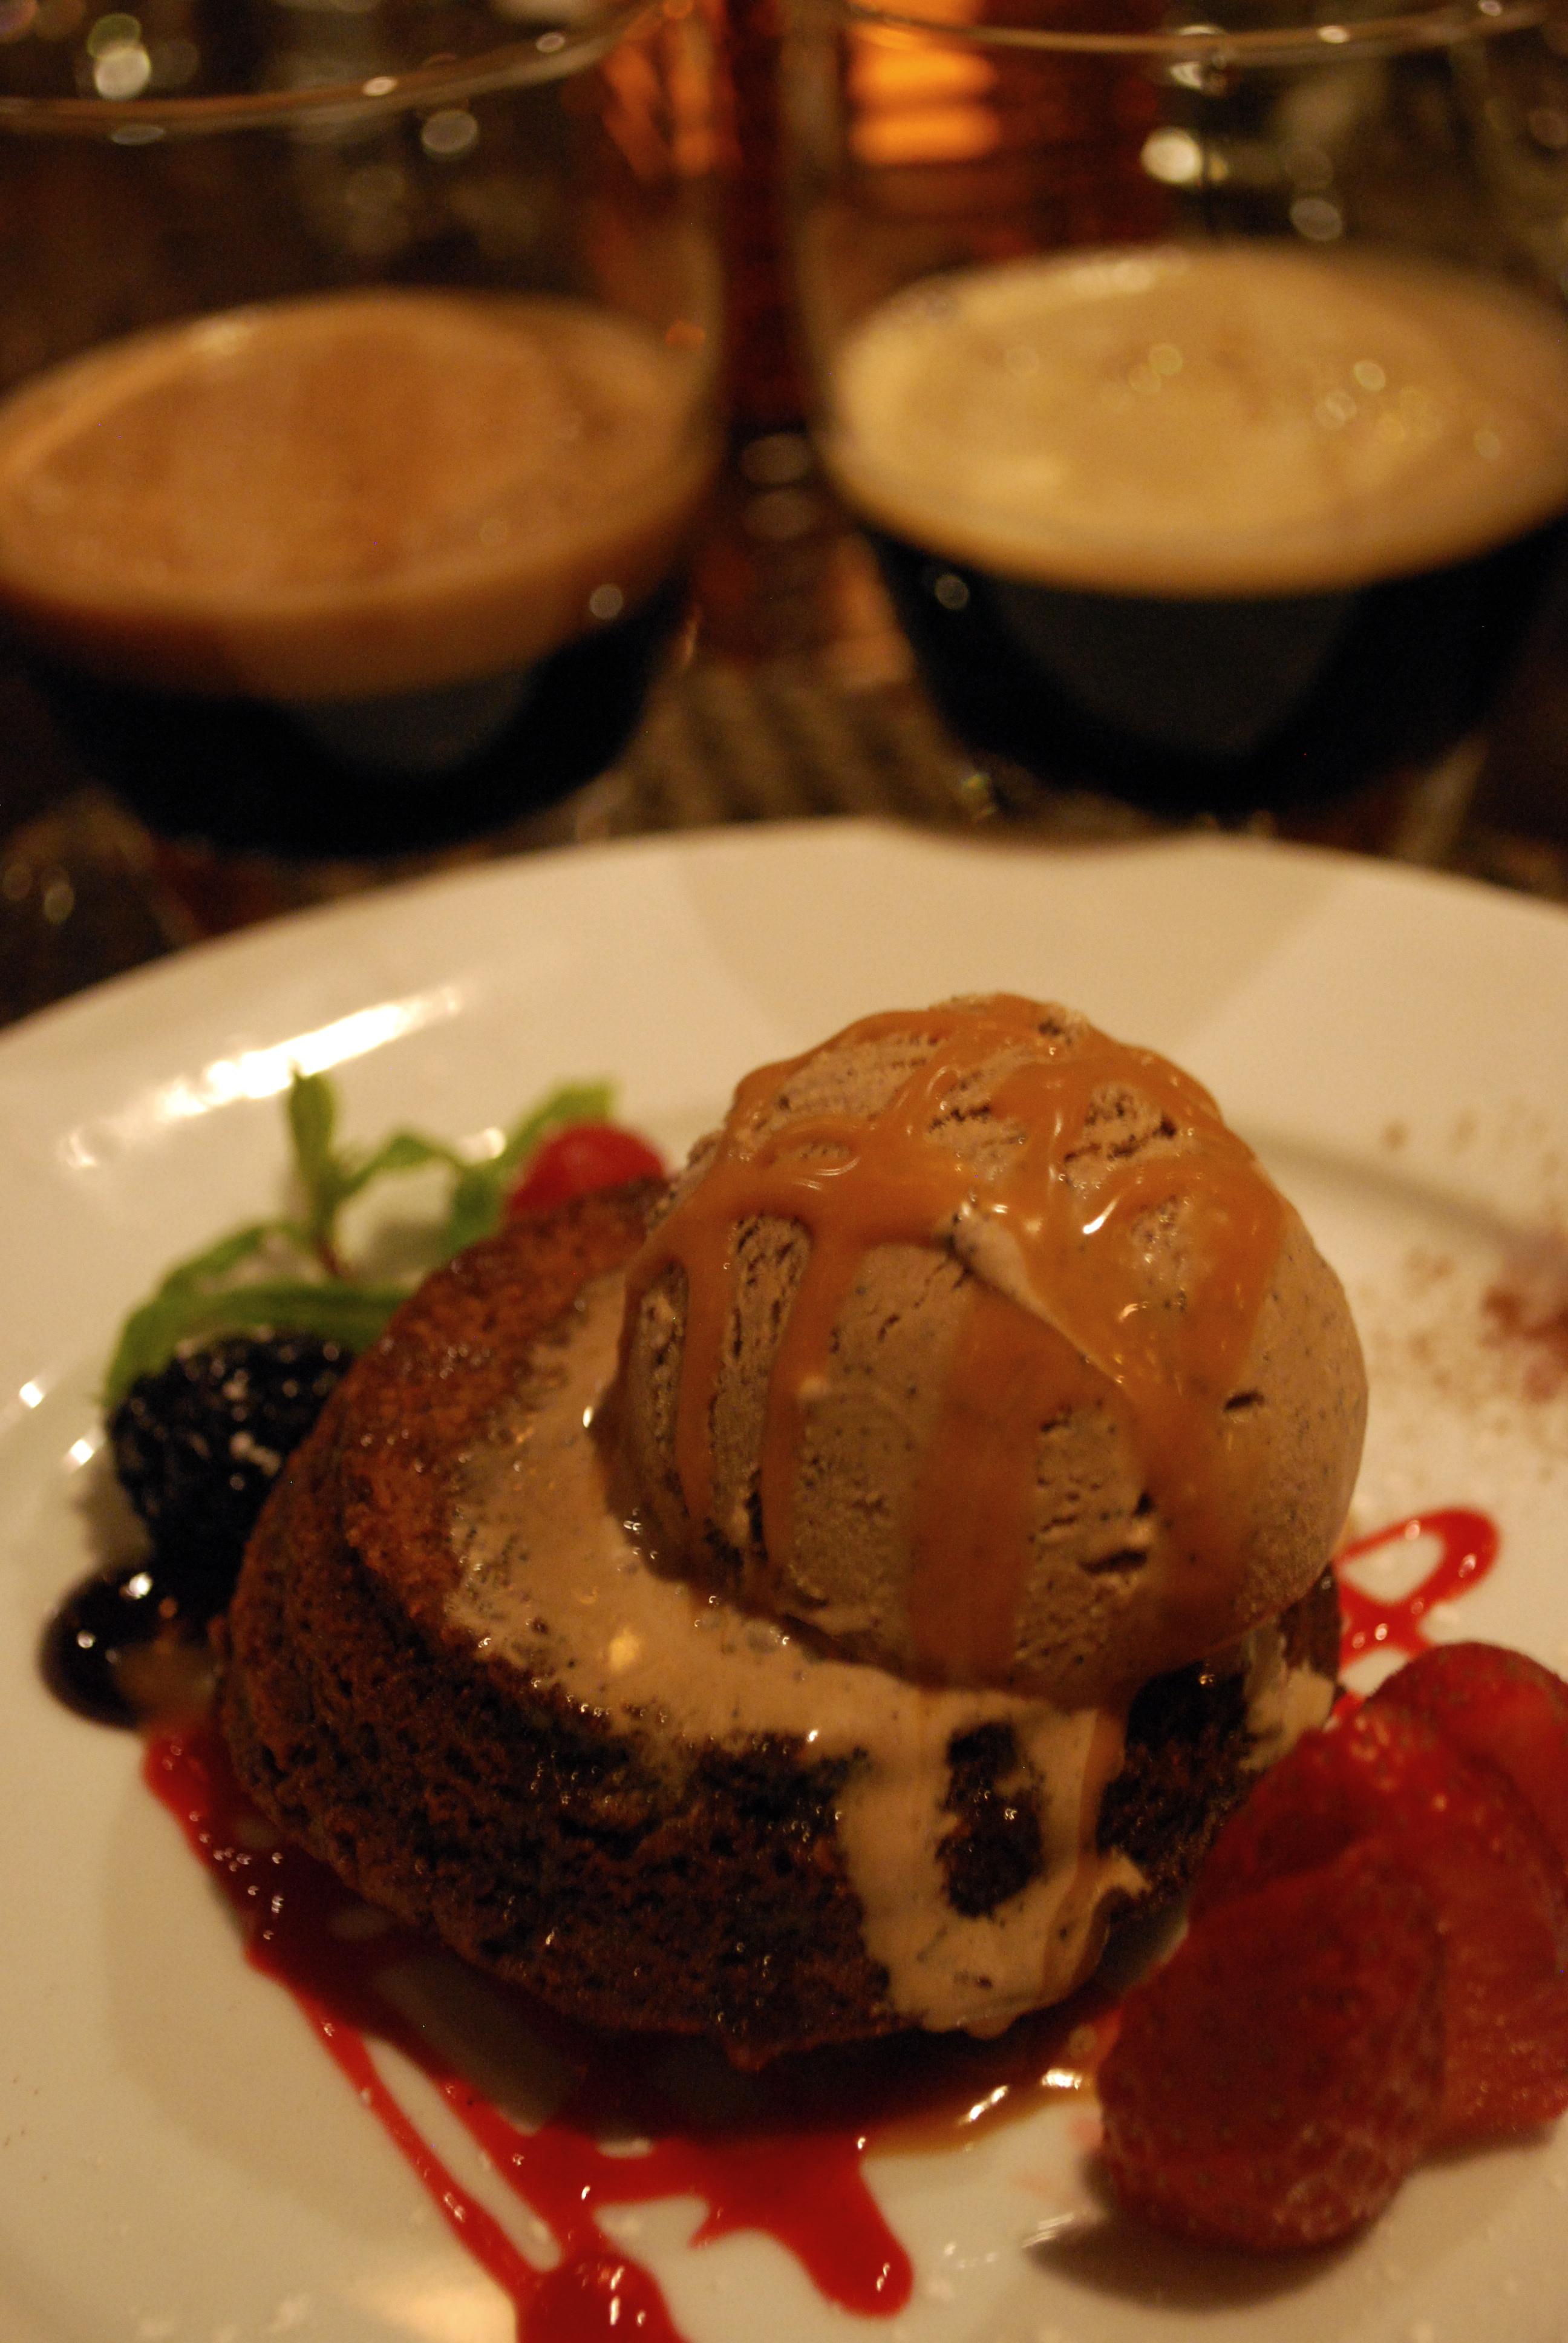 Seventh course, i.e. dessert!